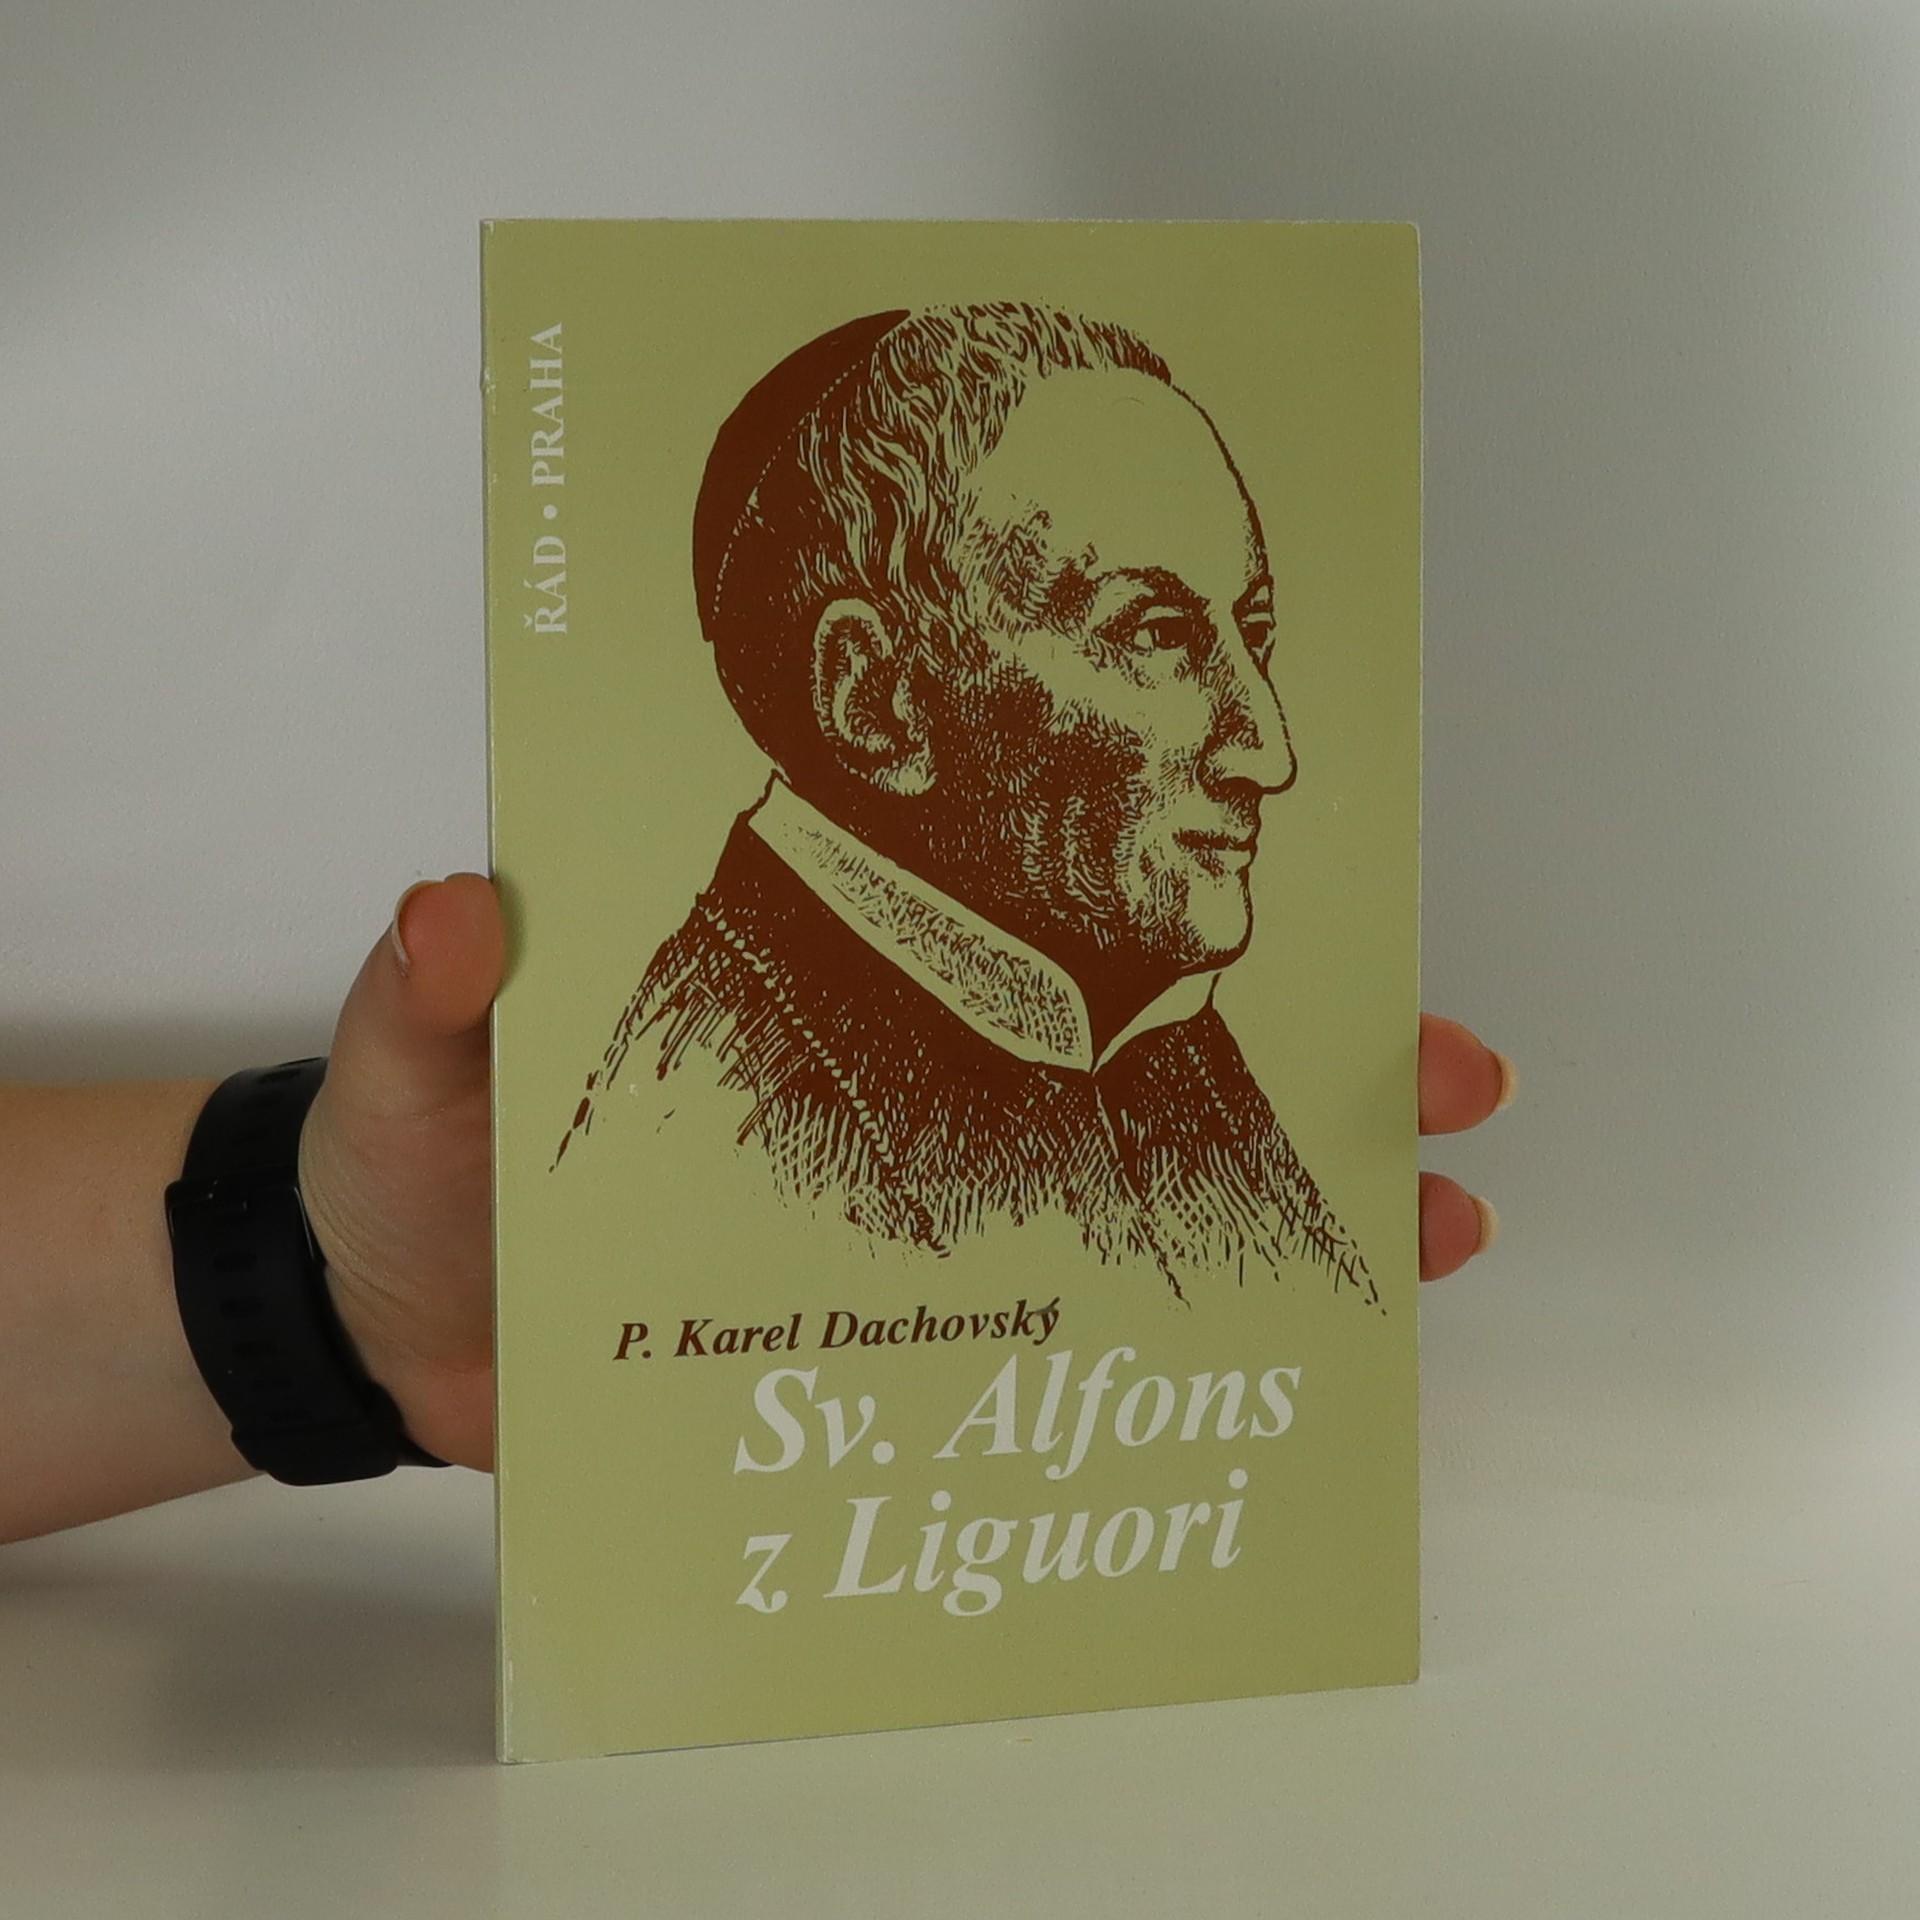 antikvární kniha Sv. Alfons z Liguori, 1996